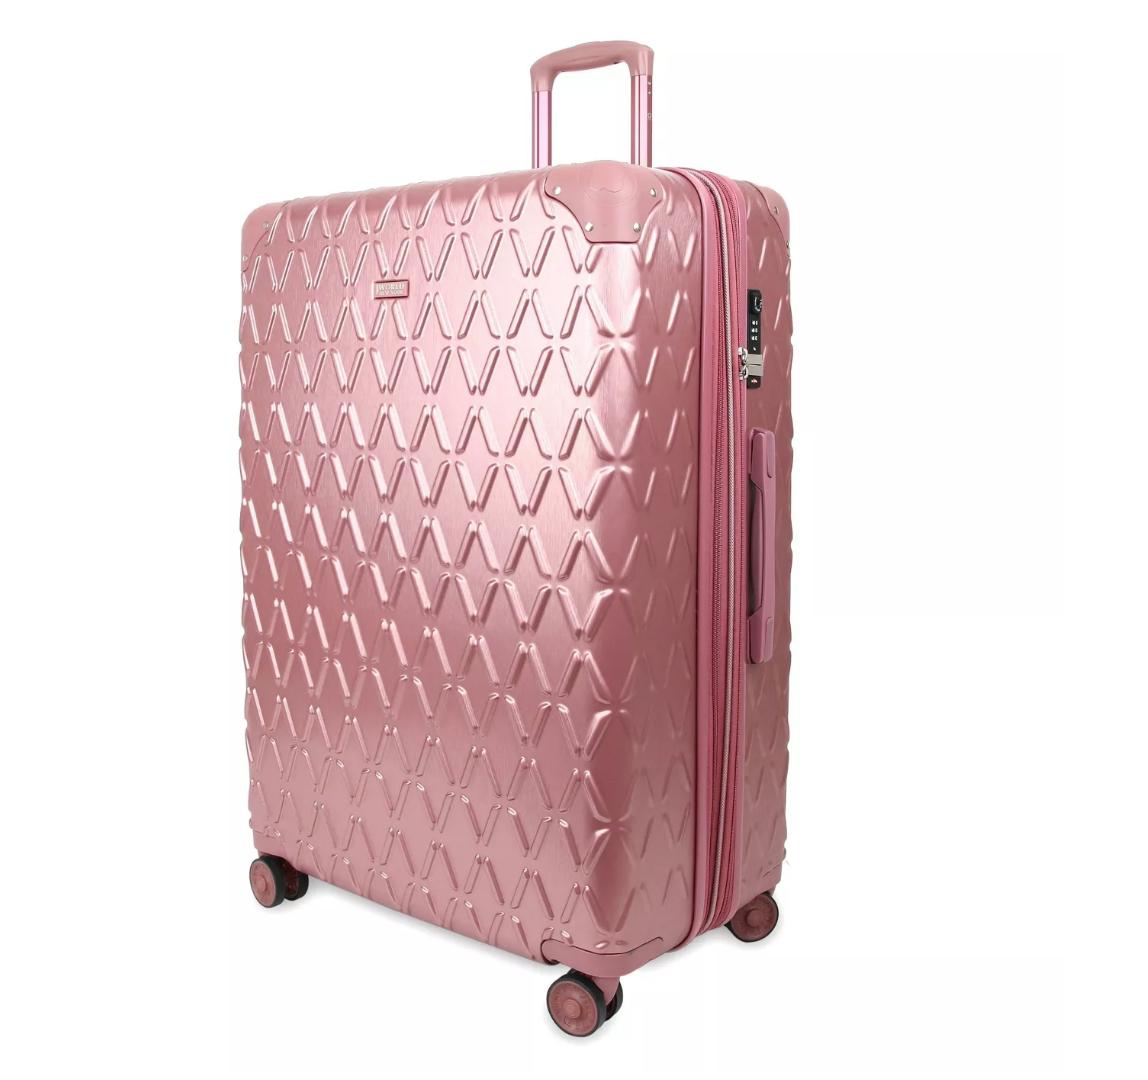 Maleta regalos viajes target